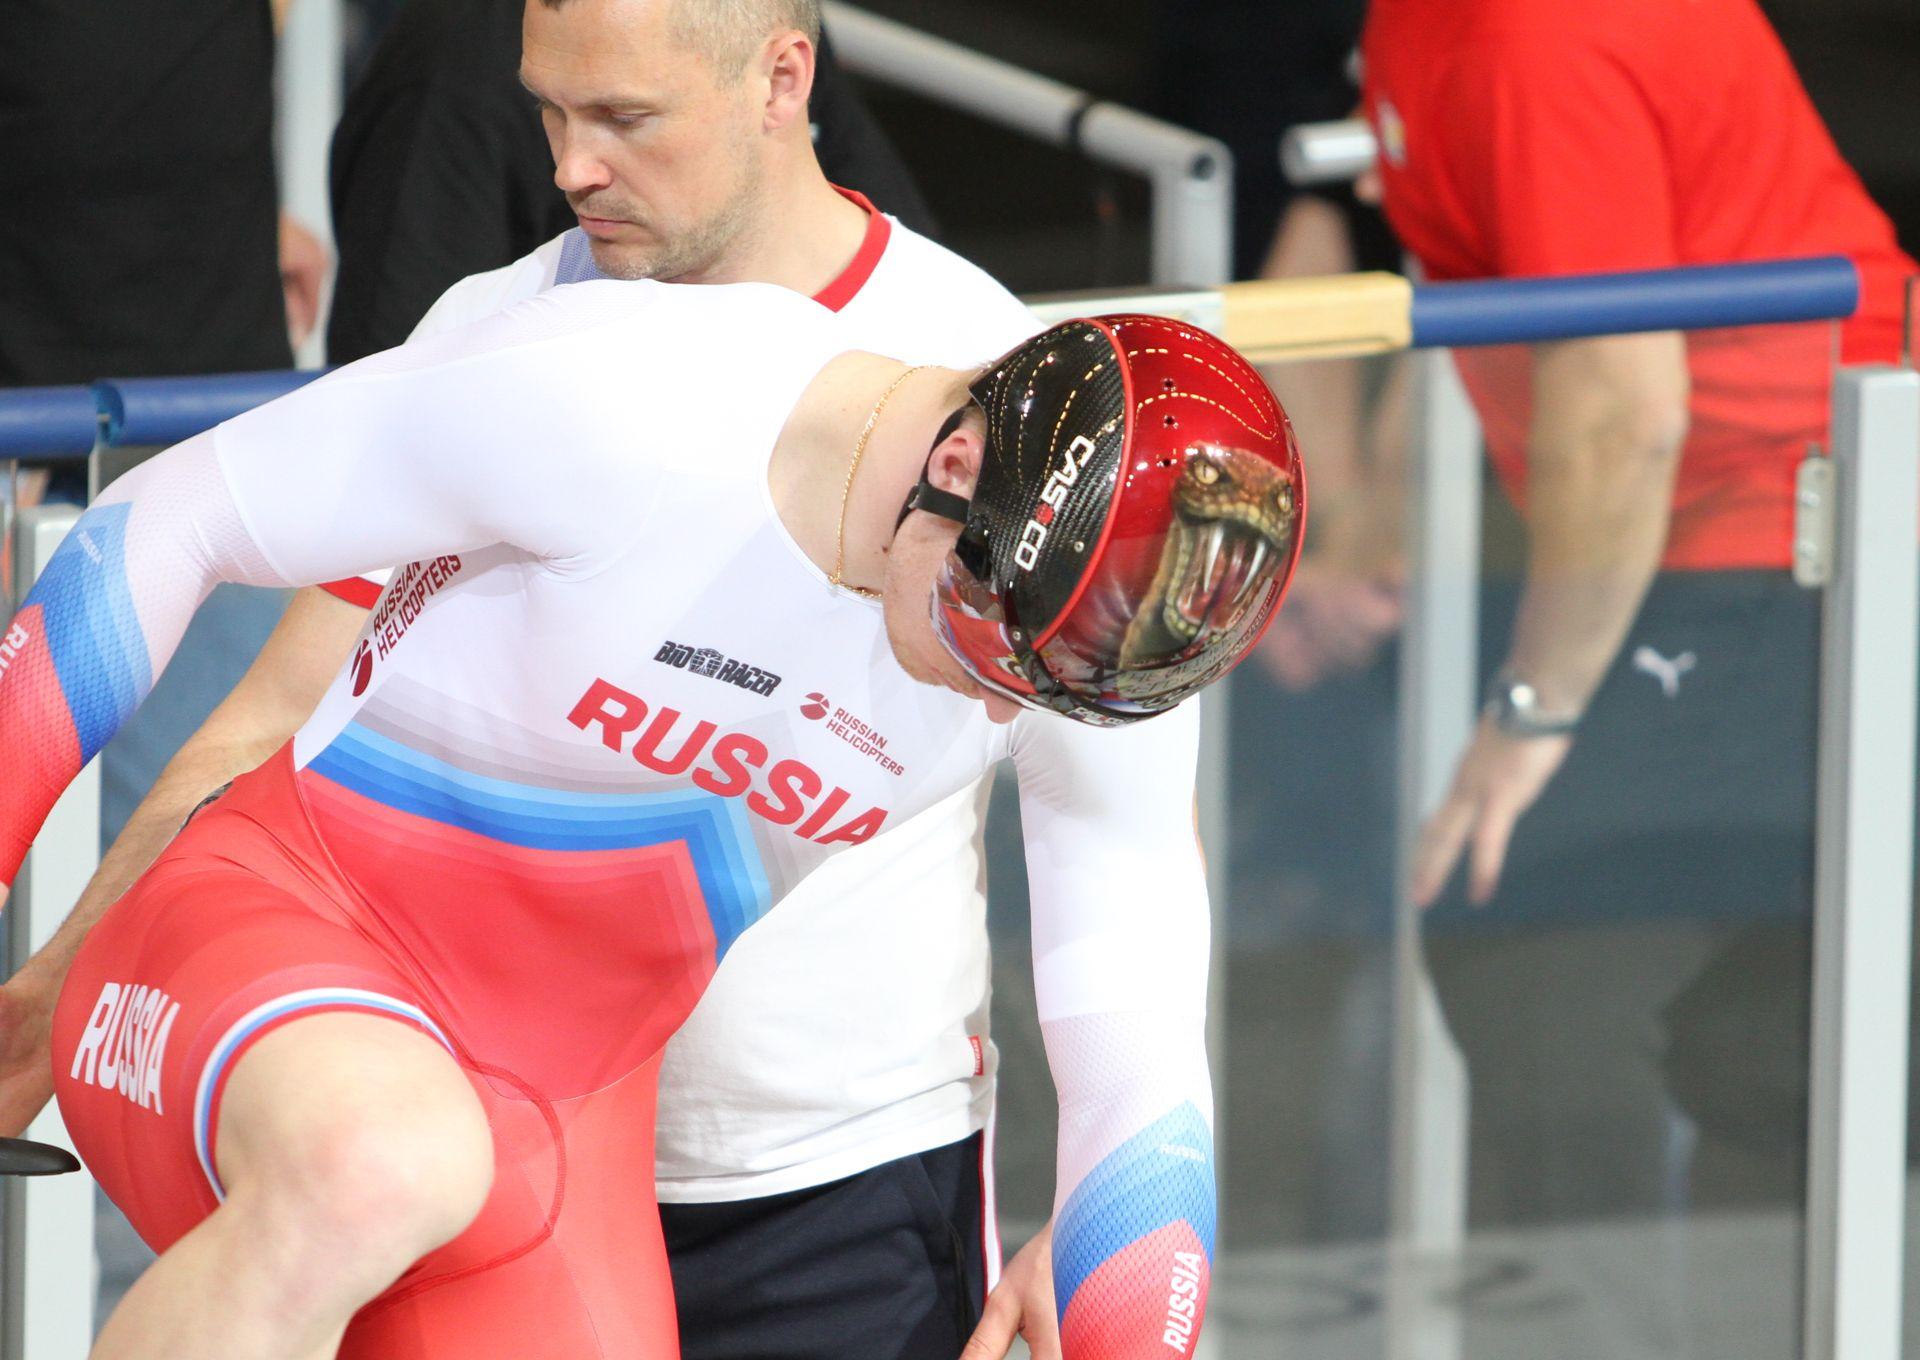 Без золота: неутешительные итоги ЧМ по трековому велоспорту в Апелдорну для России